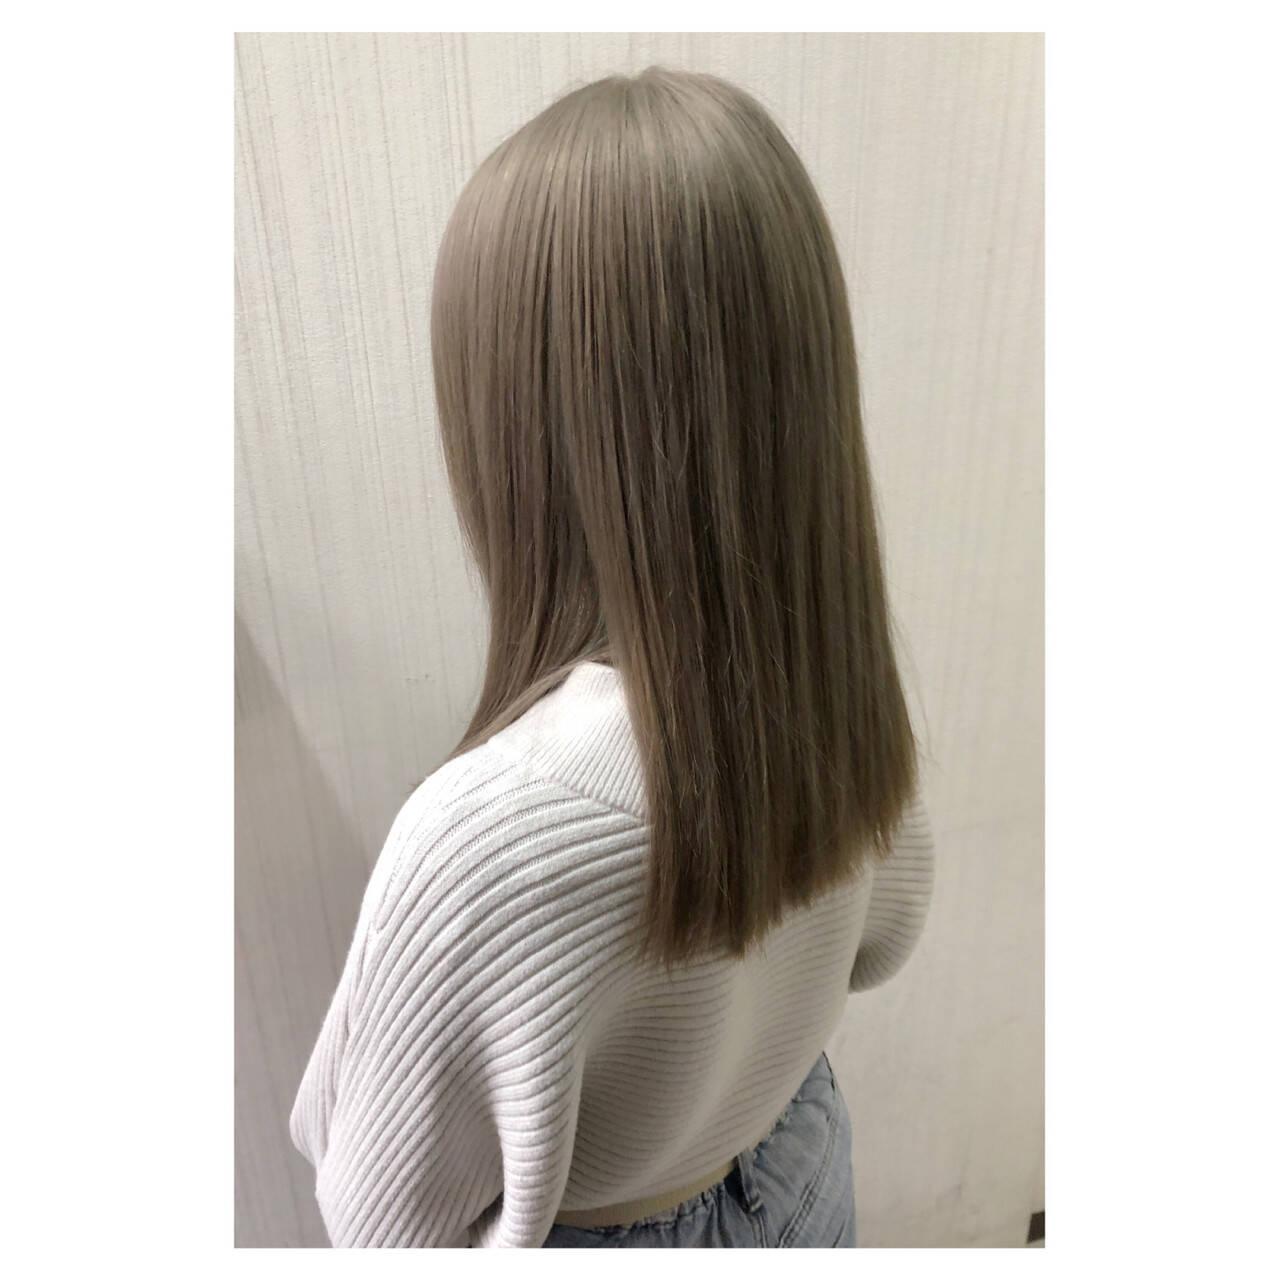 デート アッシュ セミロング 大人女子ヘアスタイルや髪型の写真・画像